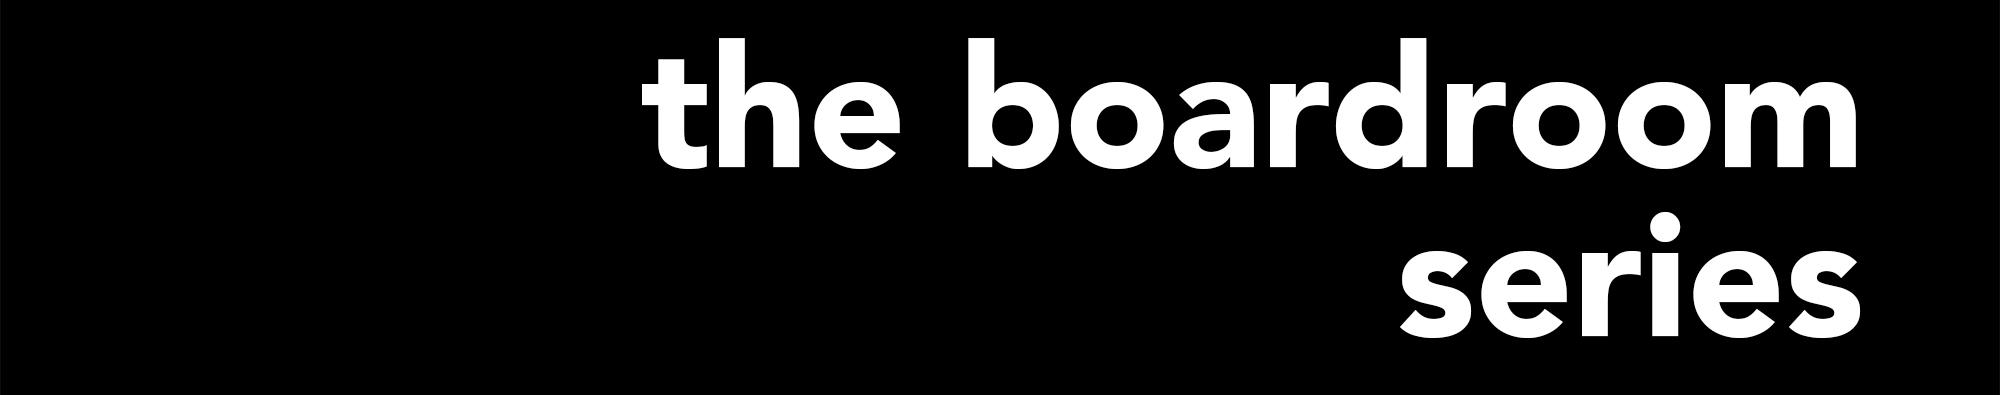 boardroom series banner.jpg